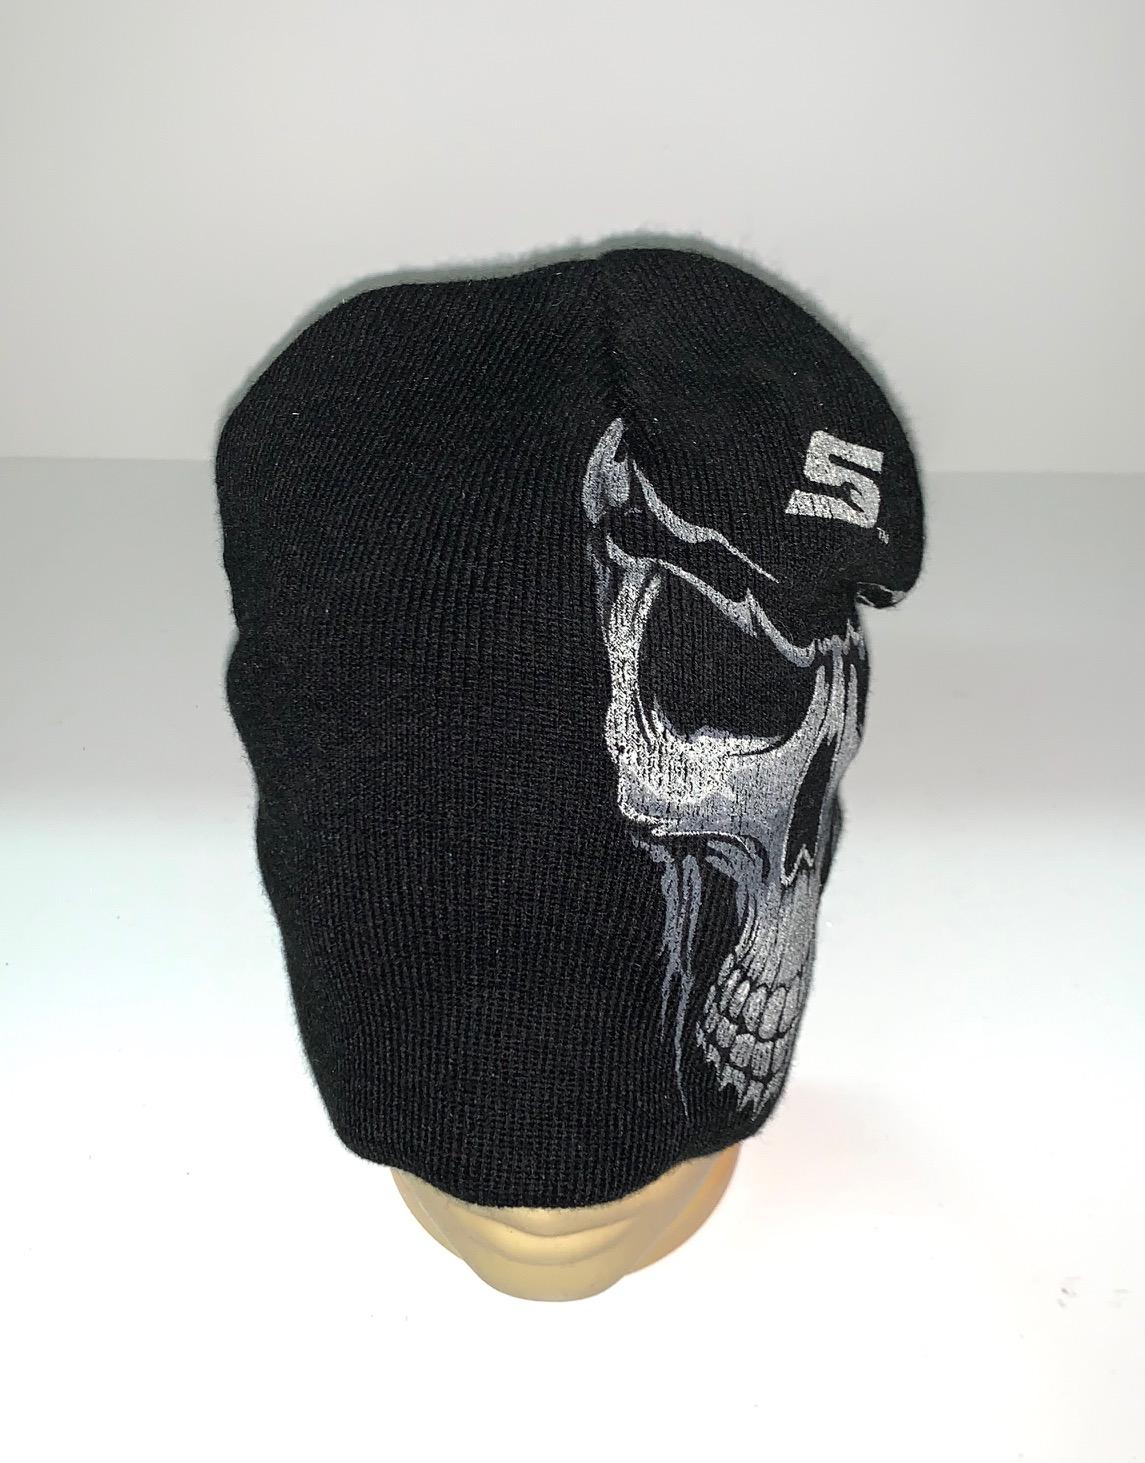 Черная шапка с принтом Череп